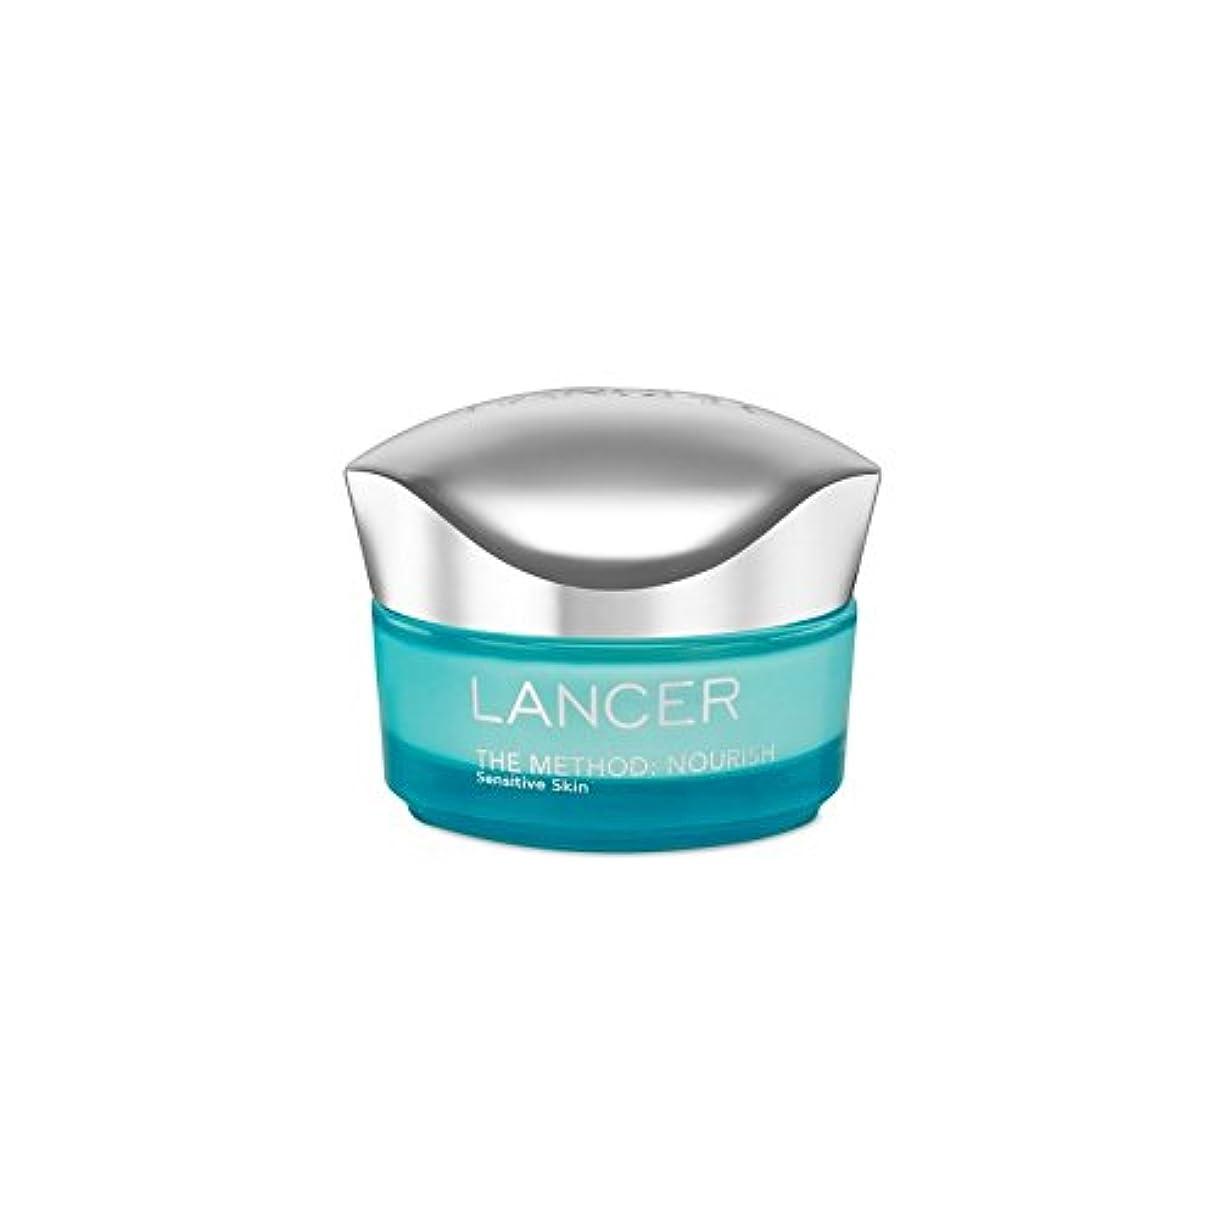 絶望なる不公平ランサーは、この方法をスキンケア:保湿敏感肌(50)に栄養を与えます x4 - Lancer Skincare The Method: Nourish Moisturiser Sensitive Skin (50ml)...